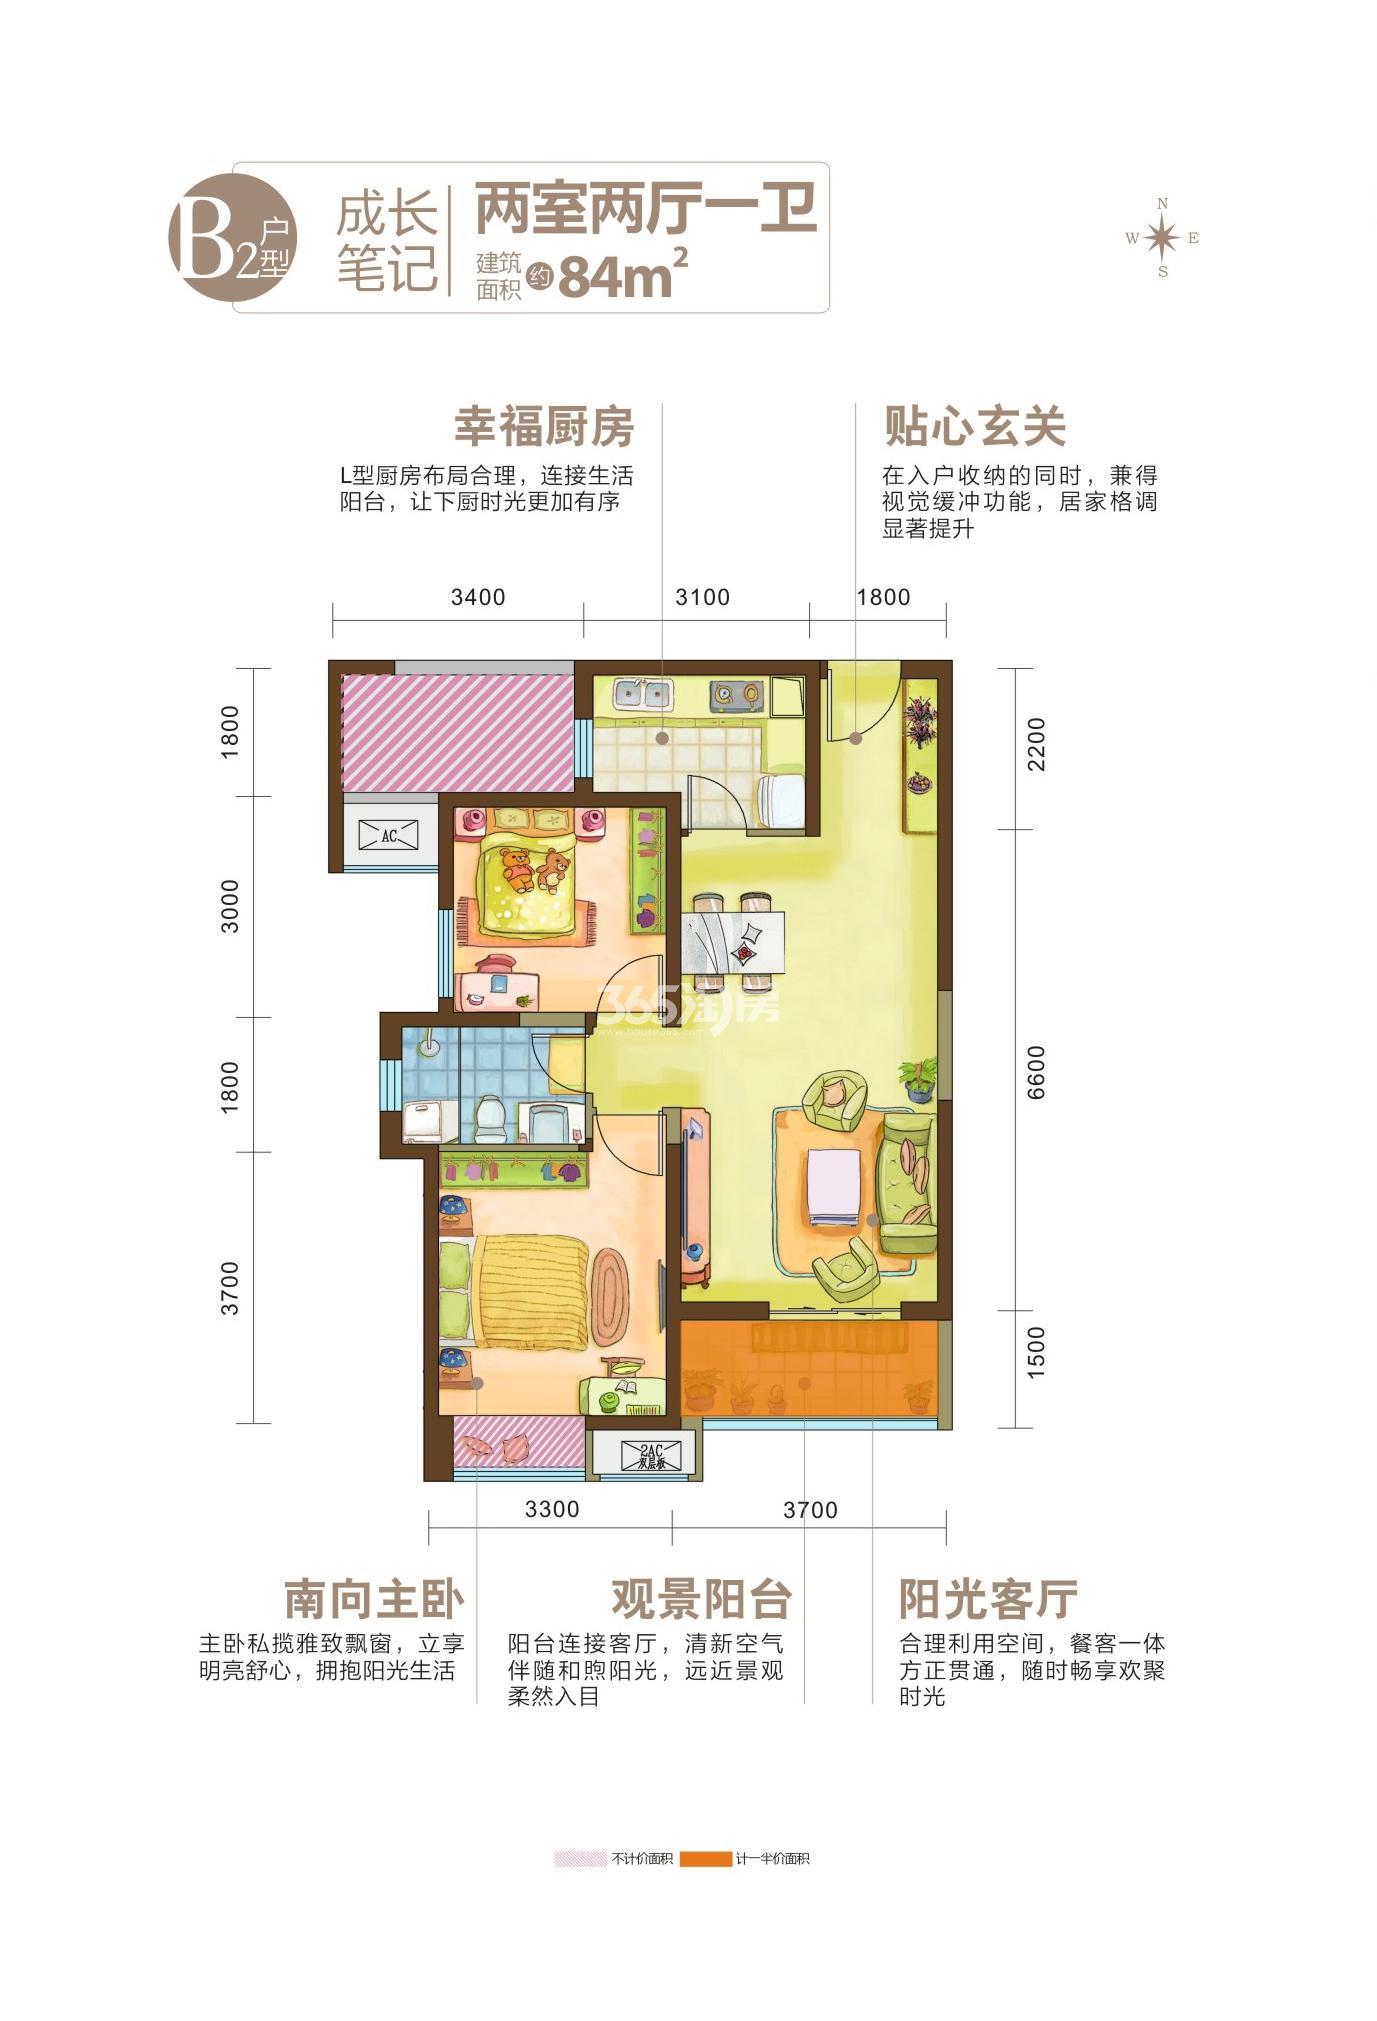 御锦城9期智慧树两室两厅一卫84㎡